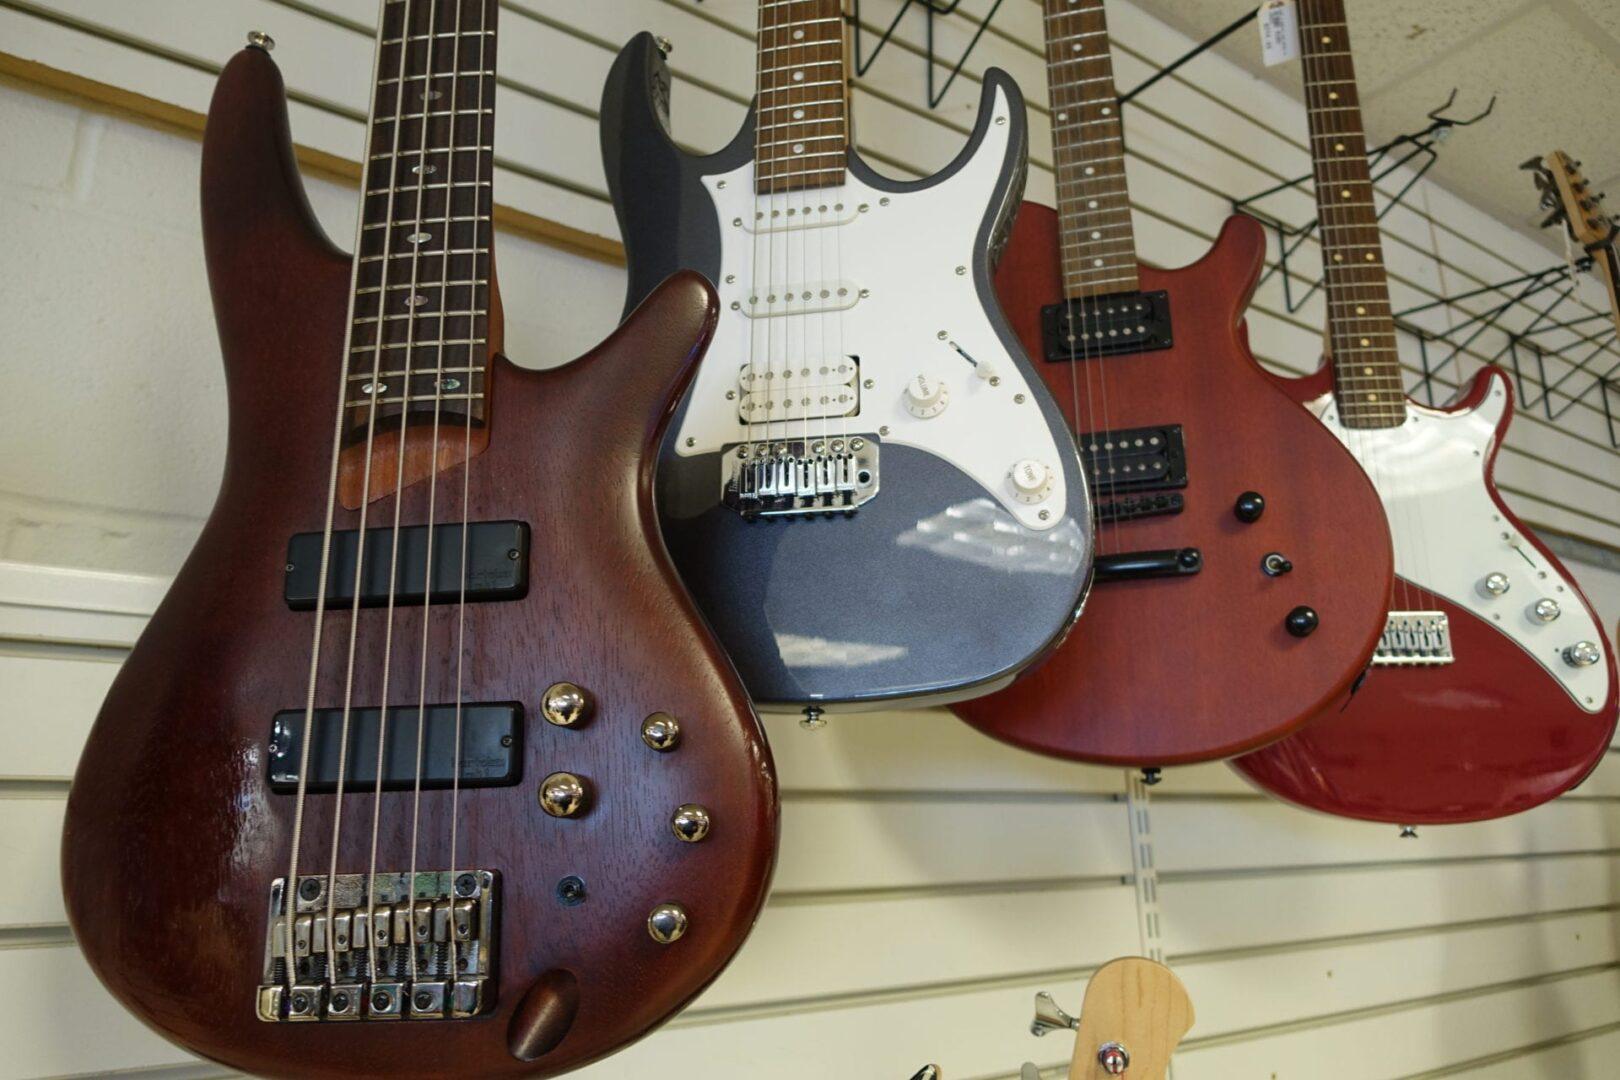 electric 6 string bass guitars name brands tradeland. Black Bedroom Furniture Sets. Home Design Ideas